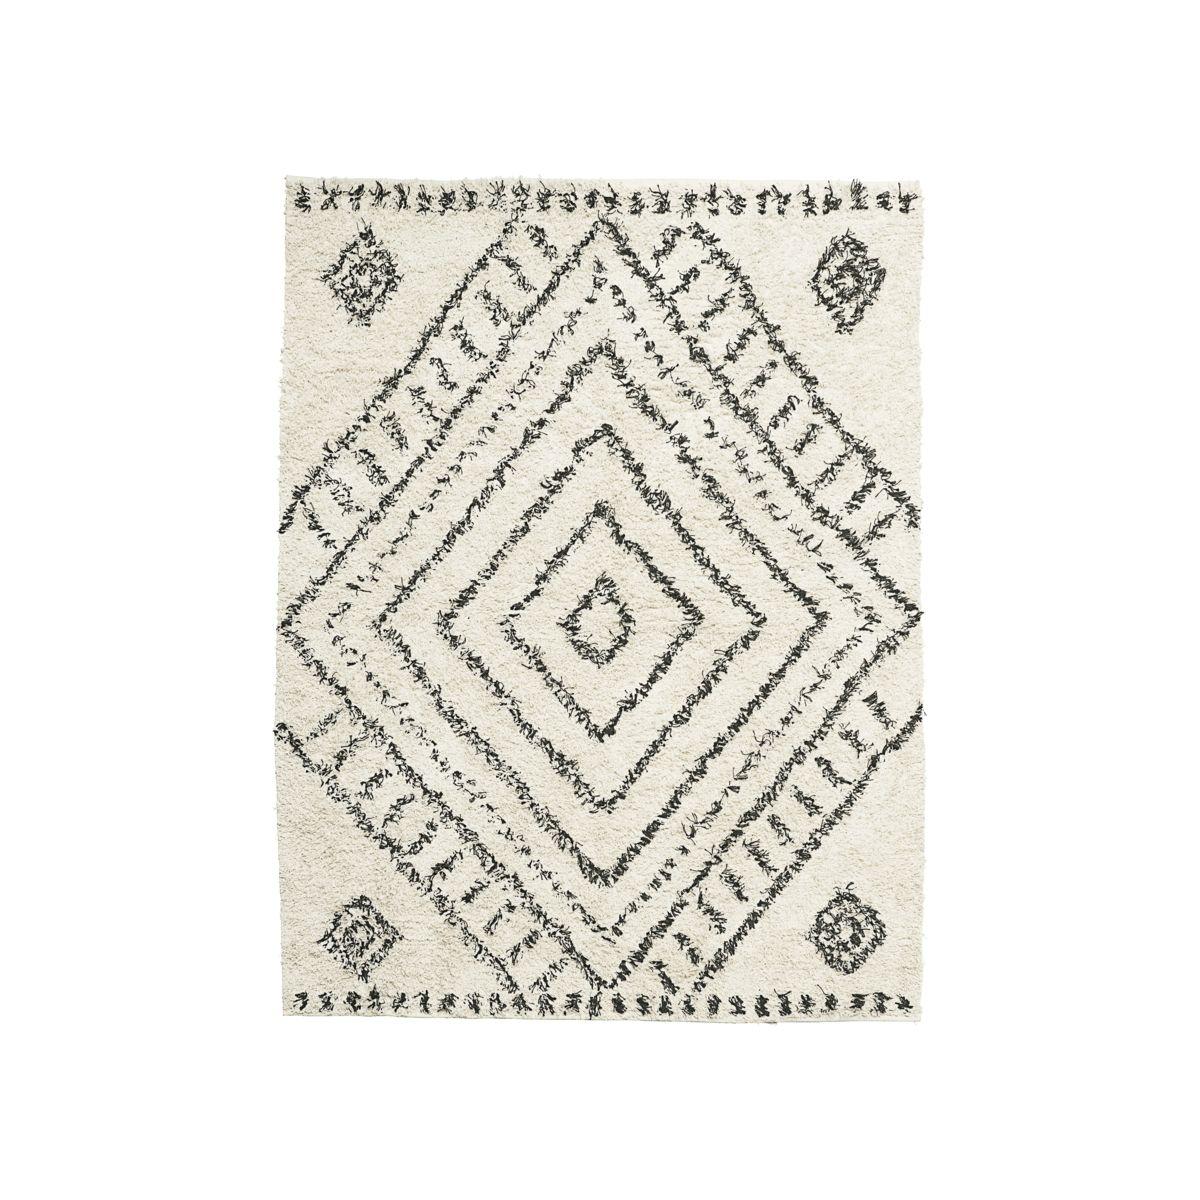 Tapete Nubia, algodão, 160x210 cm